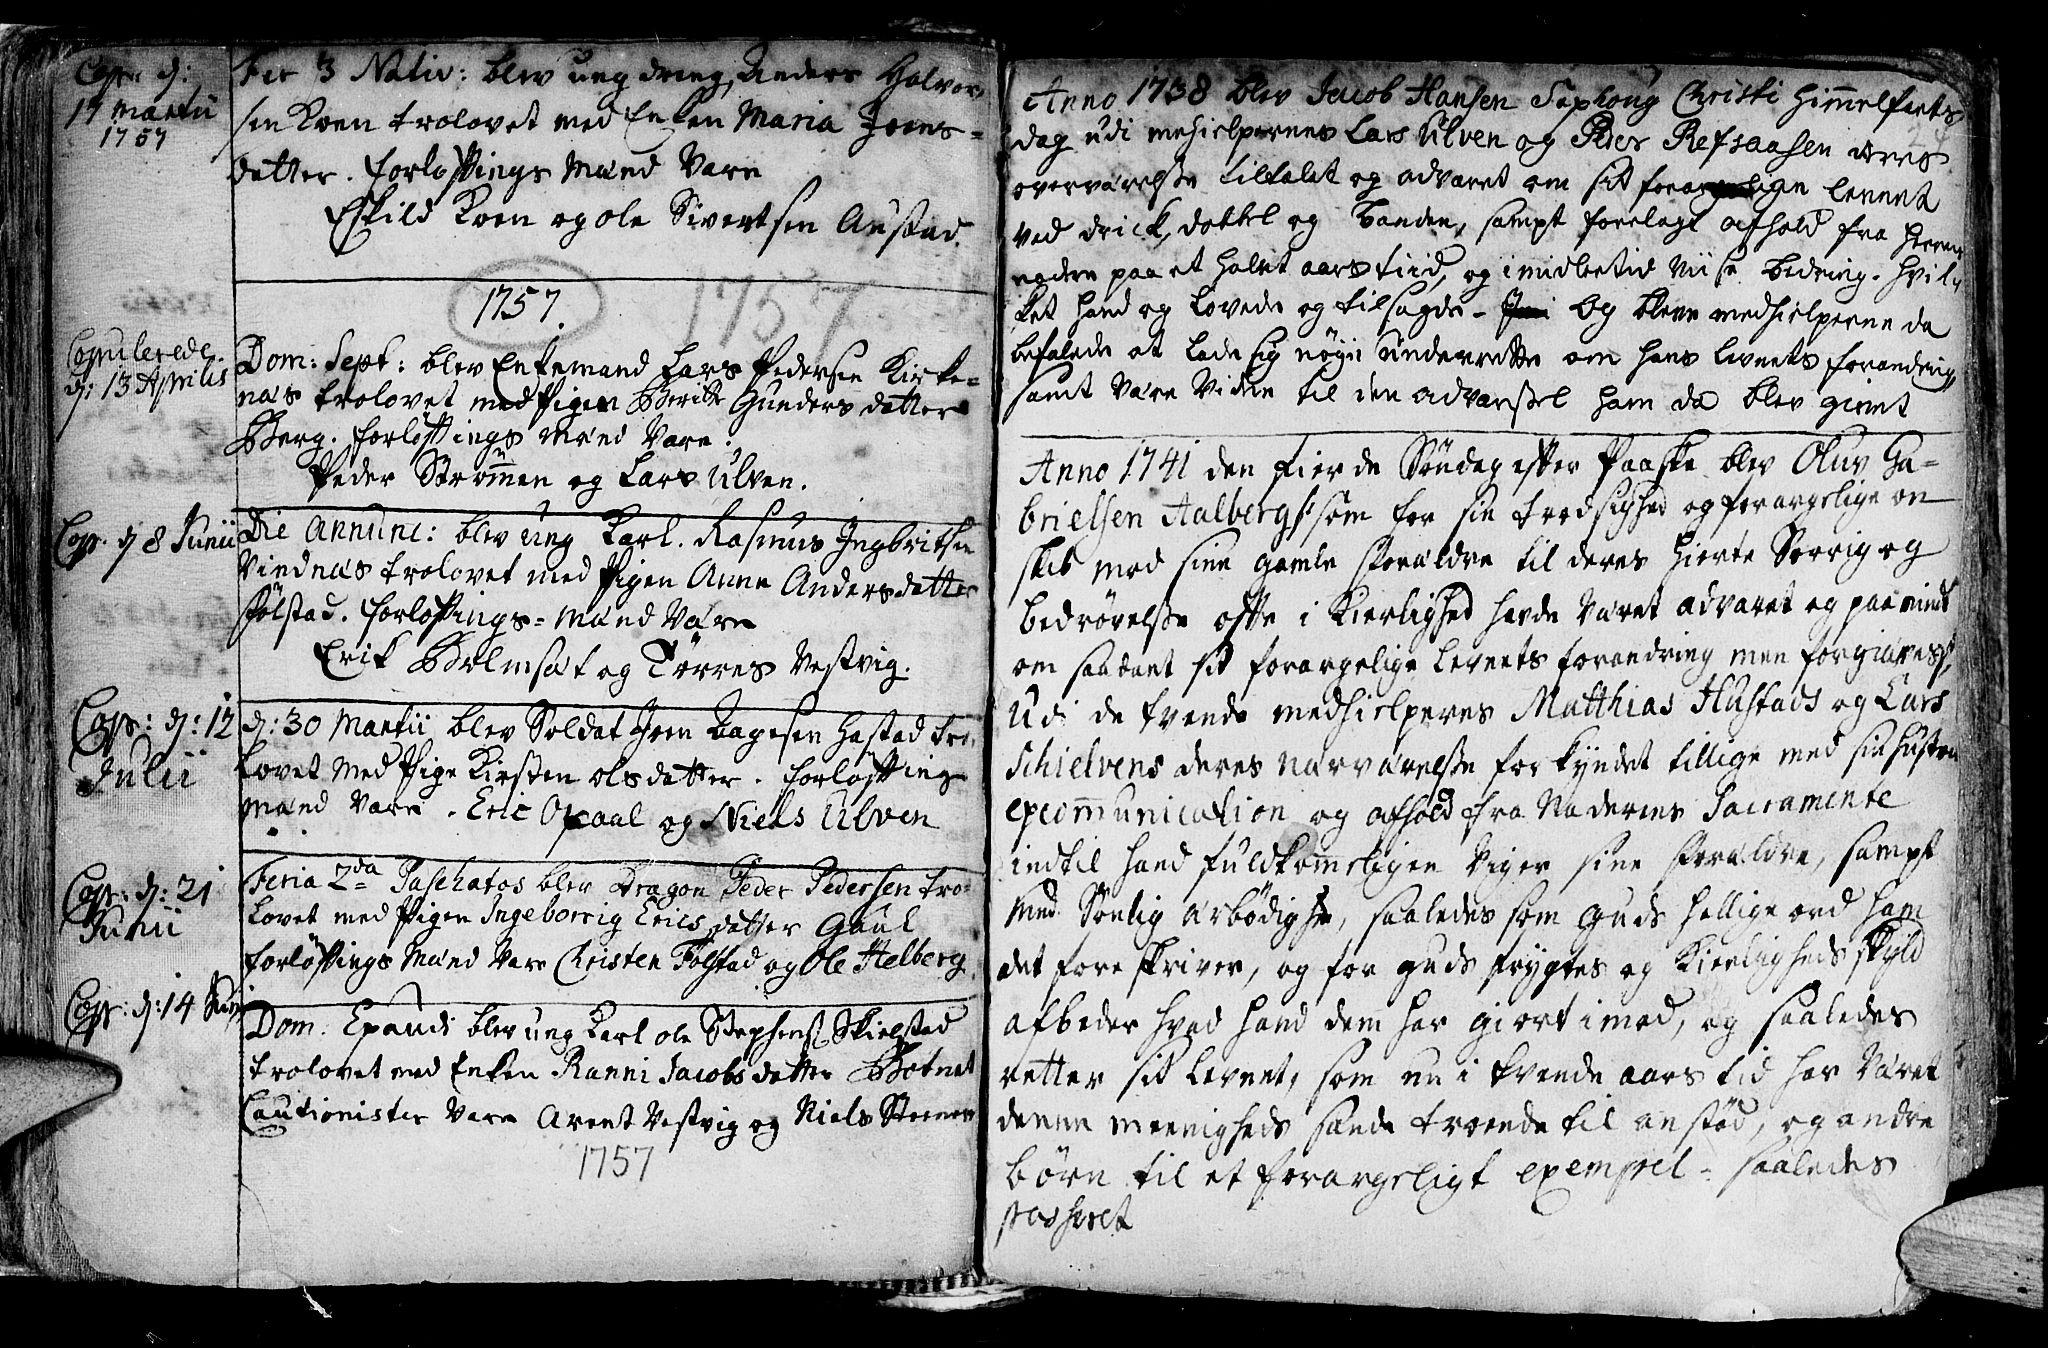 SAT, Ministerialprotokoller, klokkerbøker og fødselsregistre - Nord-Trøndelag, 730/L0272: Ministerialbok nr. 730A01, 1733-1764, s. 24